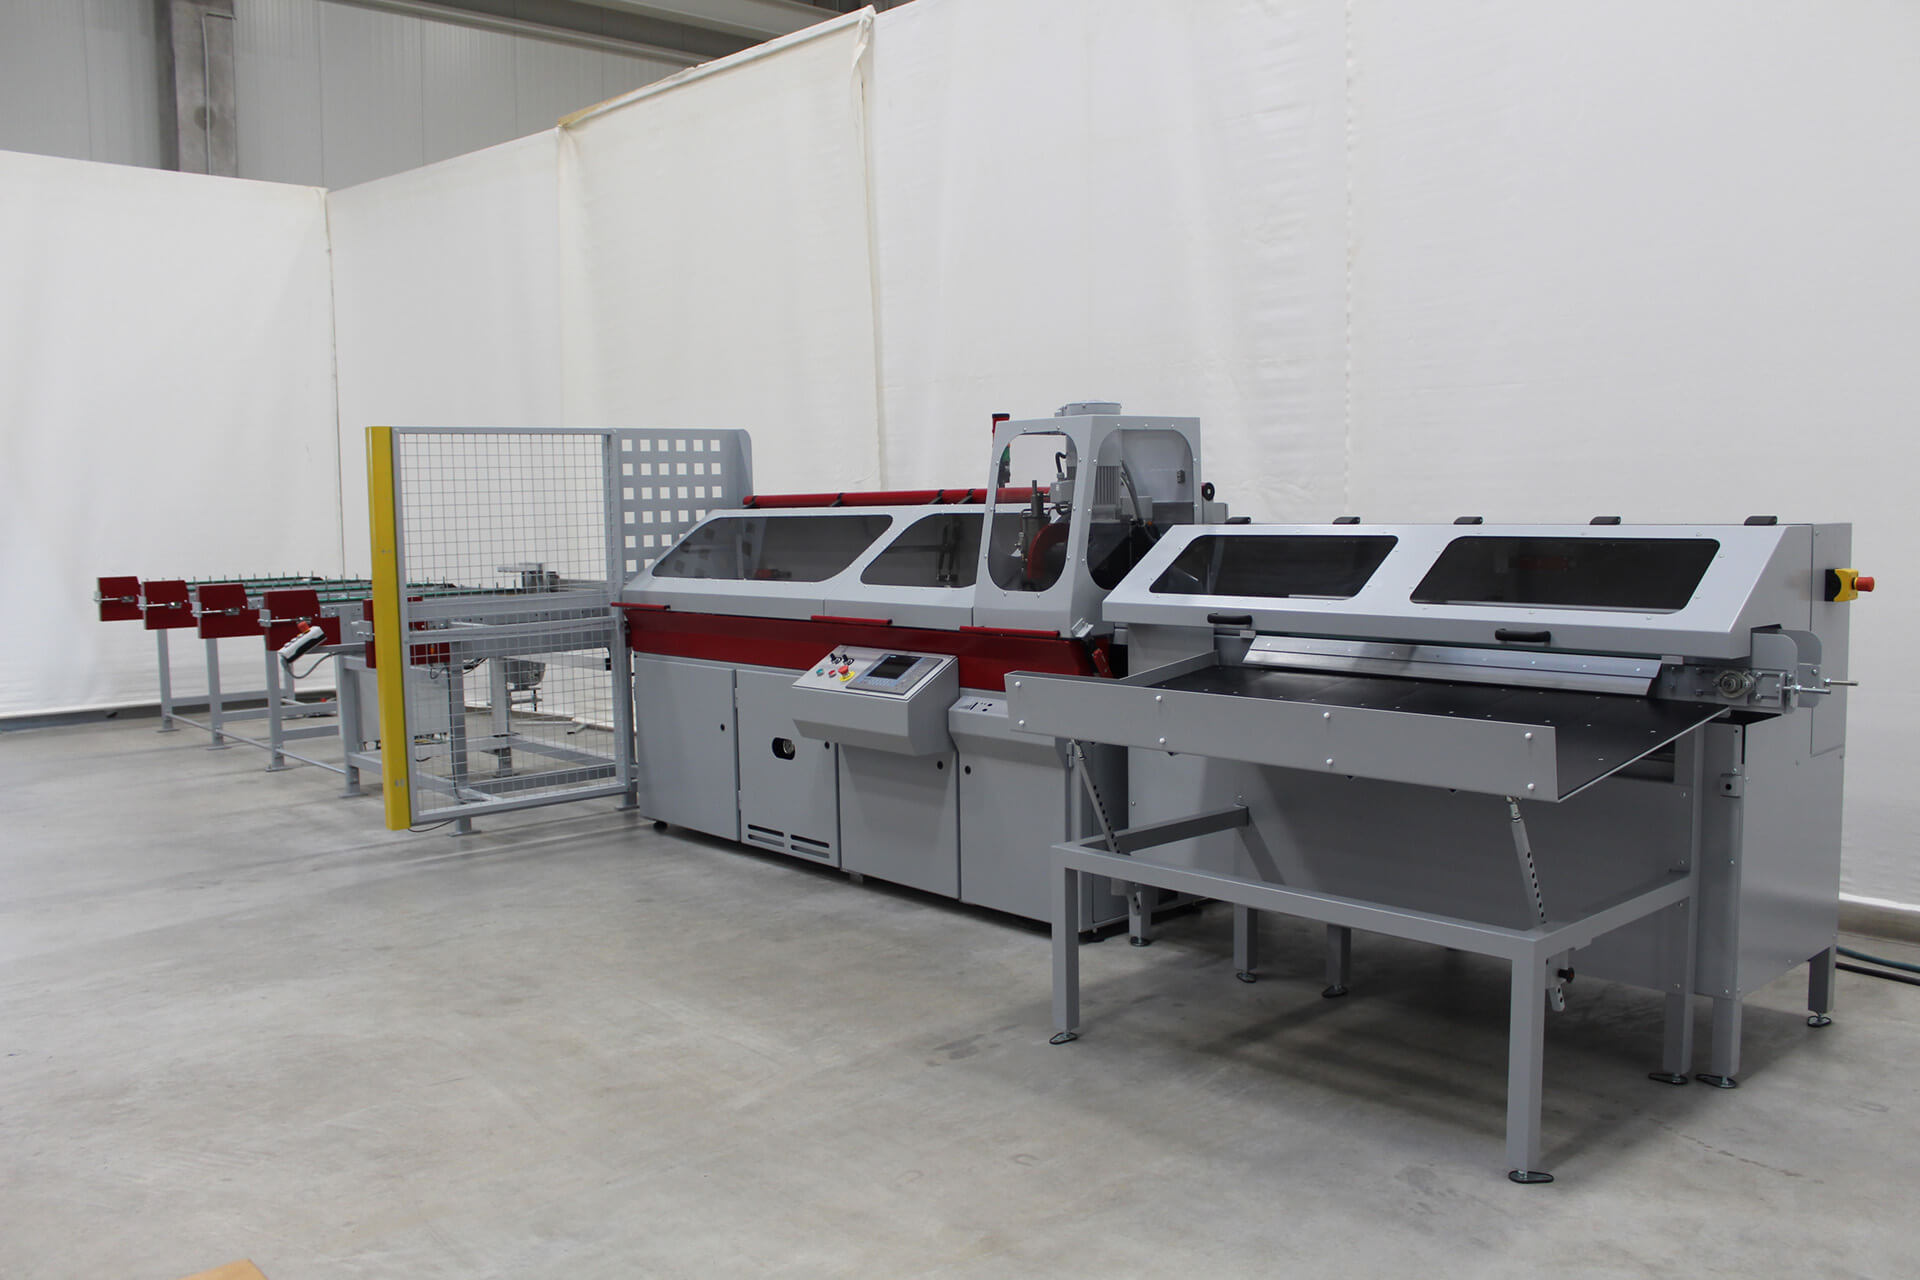 Ihr Partner für Automatisierungstechnik & IIoT